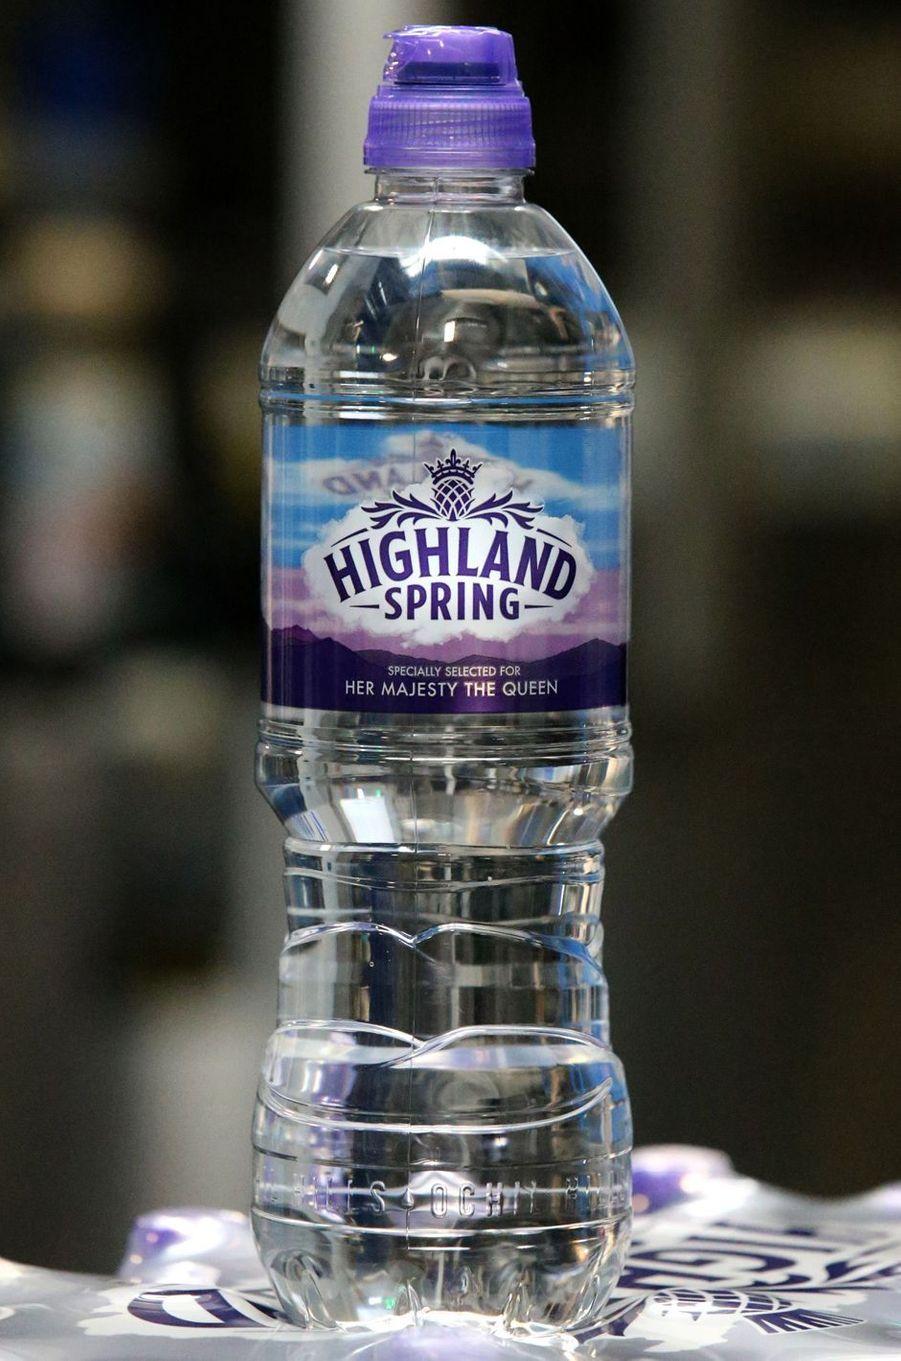 Une étiquette commémore sur les bouteilles d'eau la visite de la reine Elizabeth II à Blackford, le 6 juillet 2017